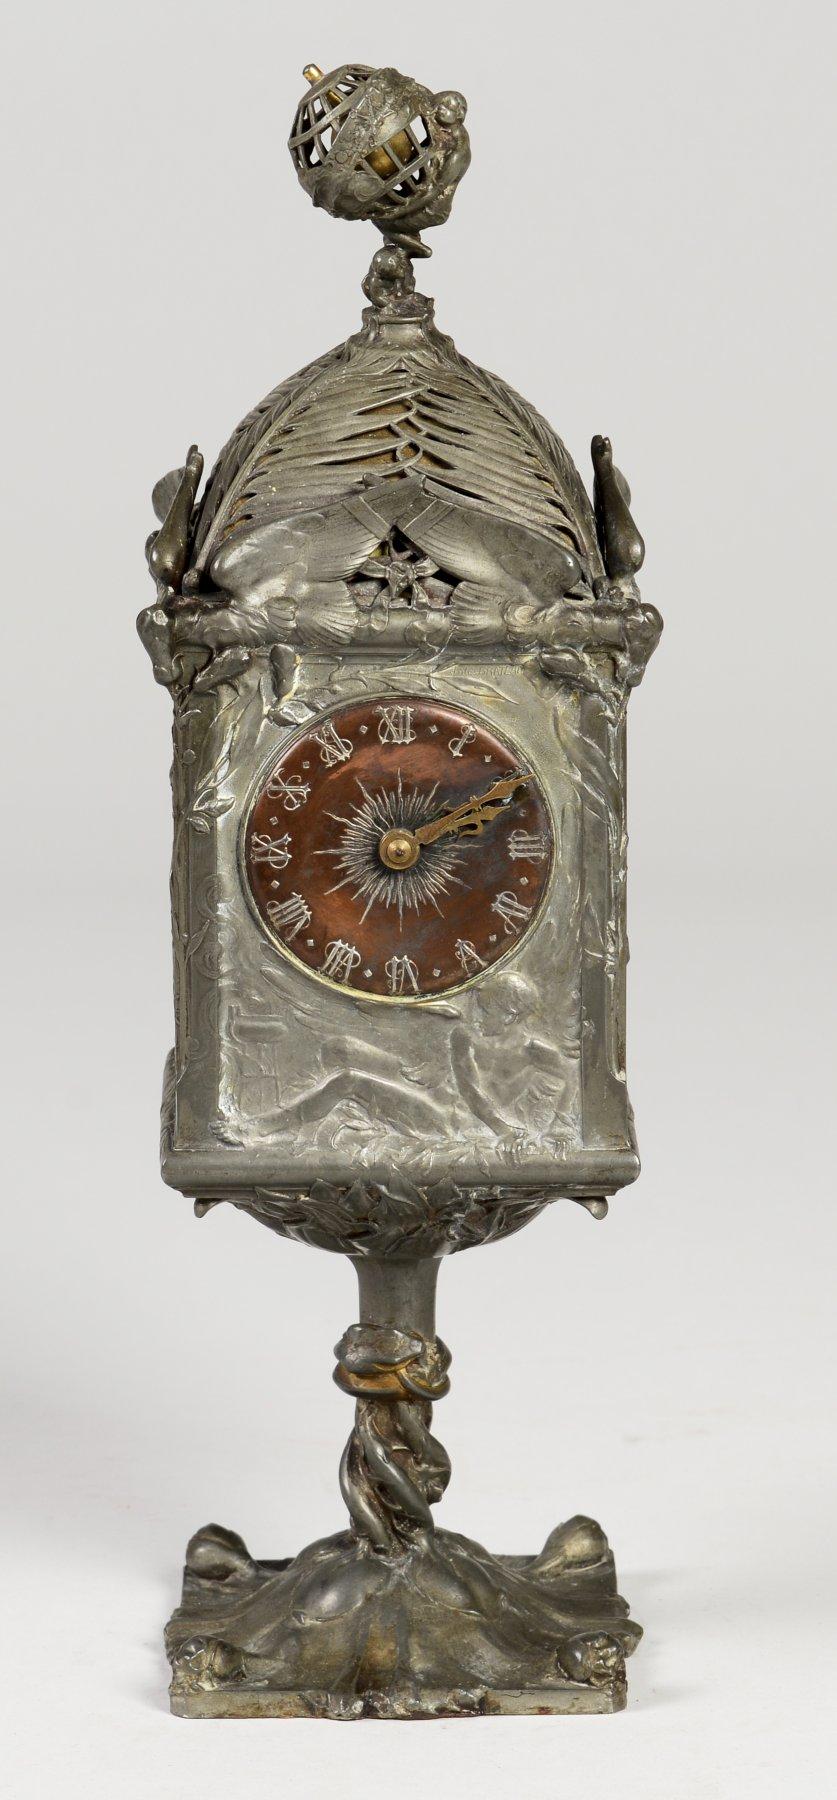 Vente Curiosités Histoire naturelle, Taxidermie, Collection Raoul le Dart, Etain…  chez Artcurial : 488 lots